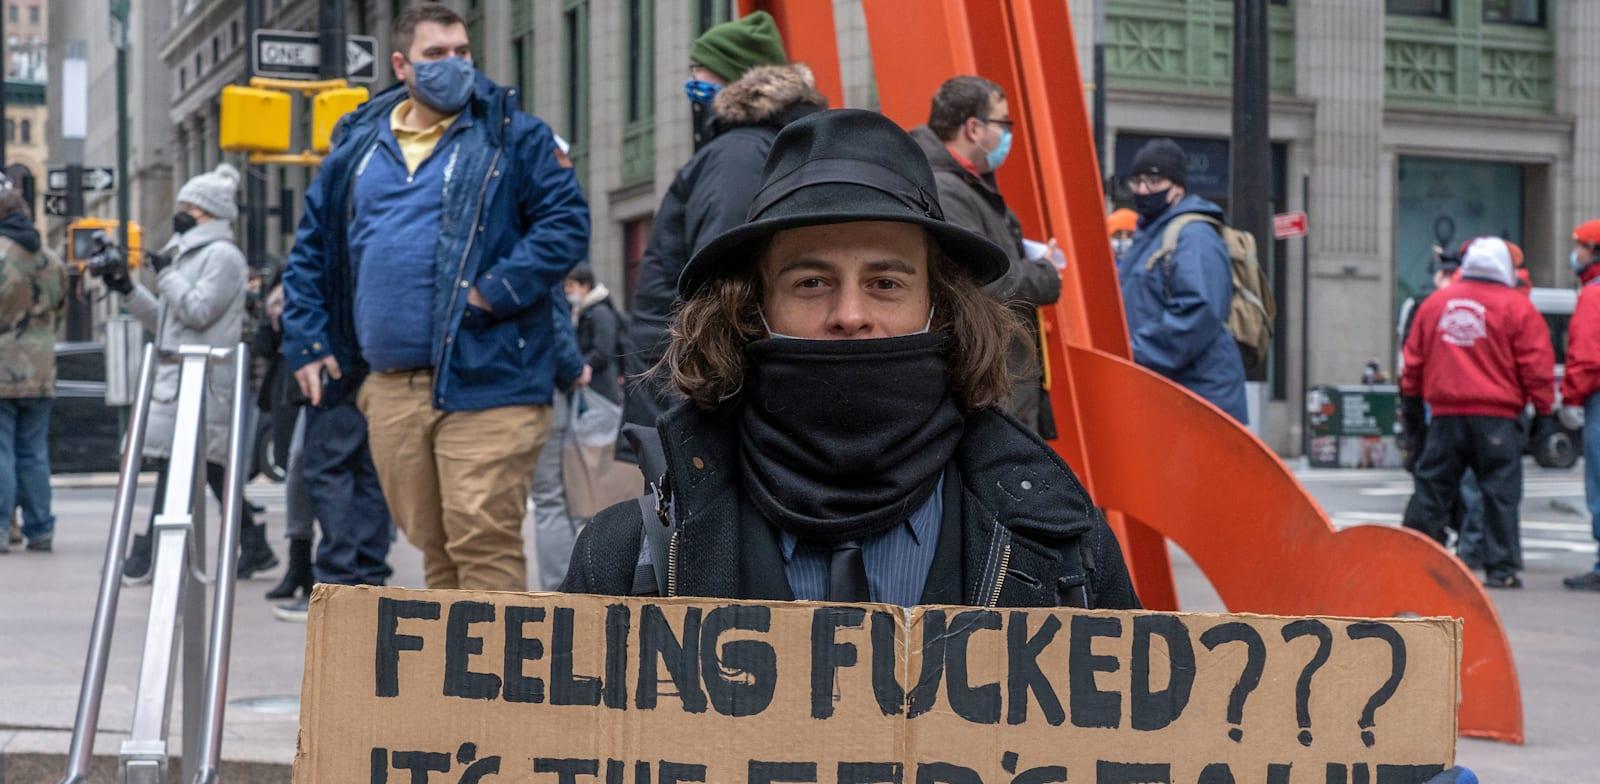 """מפגין במחאת """"Re-Occupy Wall Street"""". המפגינים מחו על הניסיונות של קרנות הגידור הגדולות לפגוע בהשקעות של """"האדם הפשוט"""", שהקפיצו מניות כמו גיימספוט / צילום: Reuters, Ron Adar / SOPA Images/Sipa USA"""